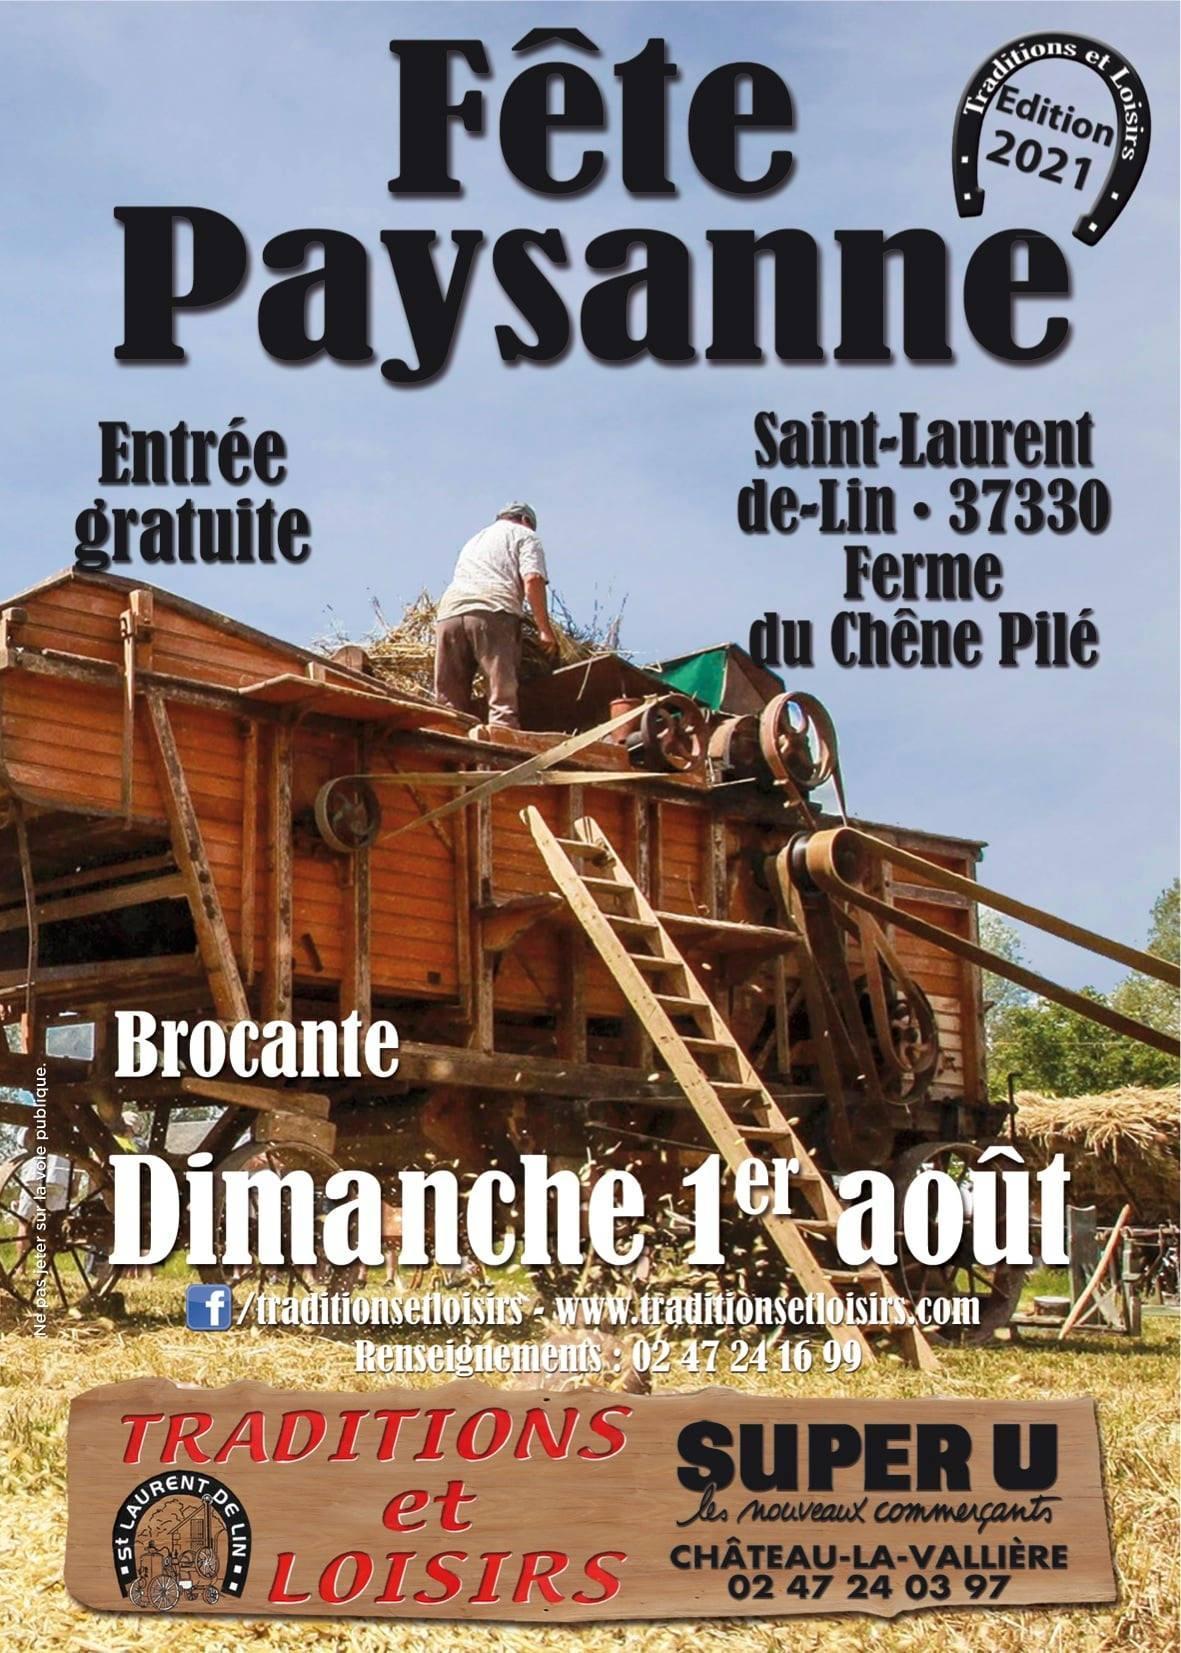 Fête Paysanne et Brocante - 1er août - Saint-Laurent-de-Lin (37)